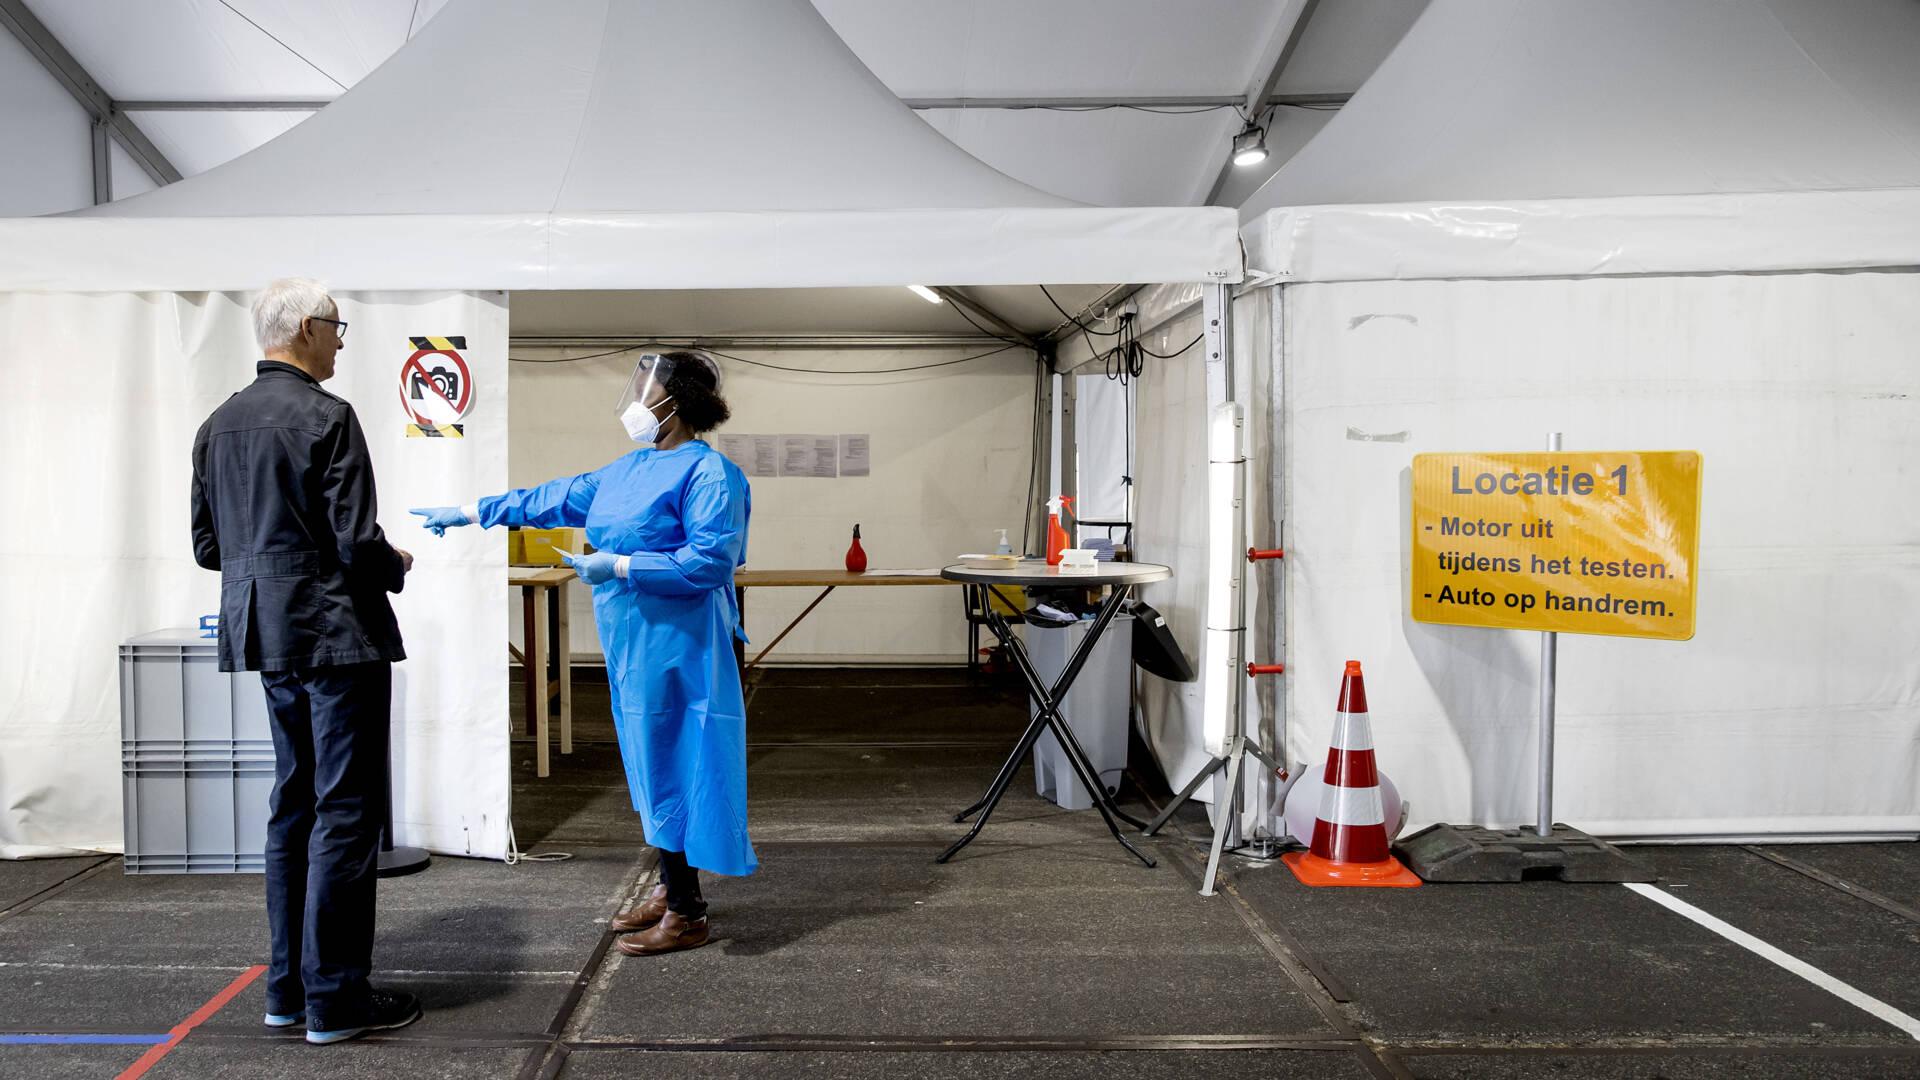 يتوقع الوزير De Jonge توفر الاختبارات السريعة في هولندا اعتباراً من نوفمبر